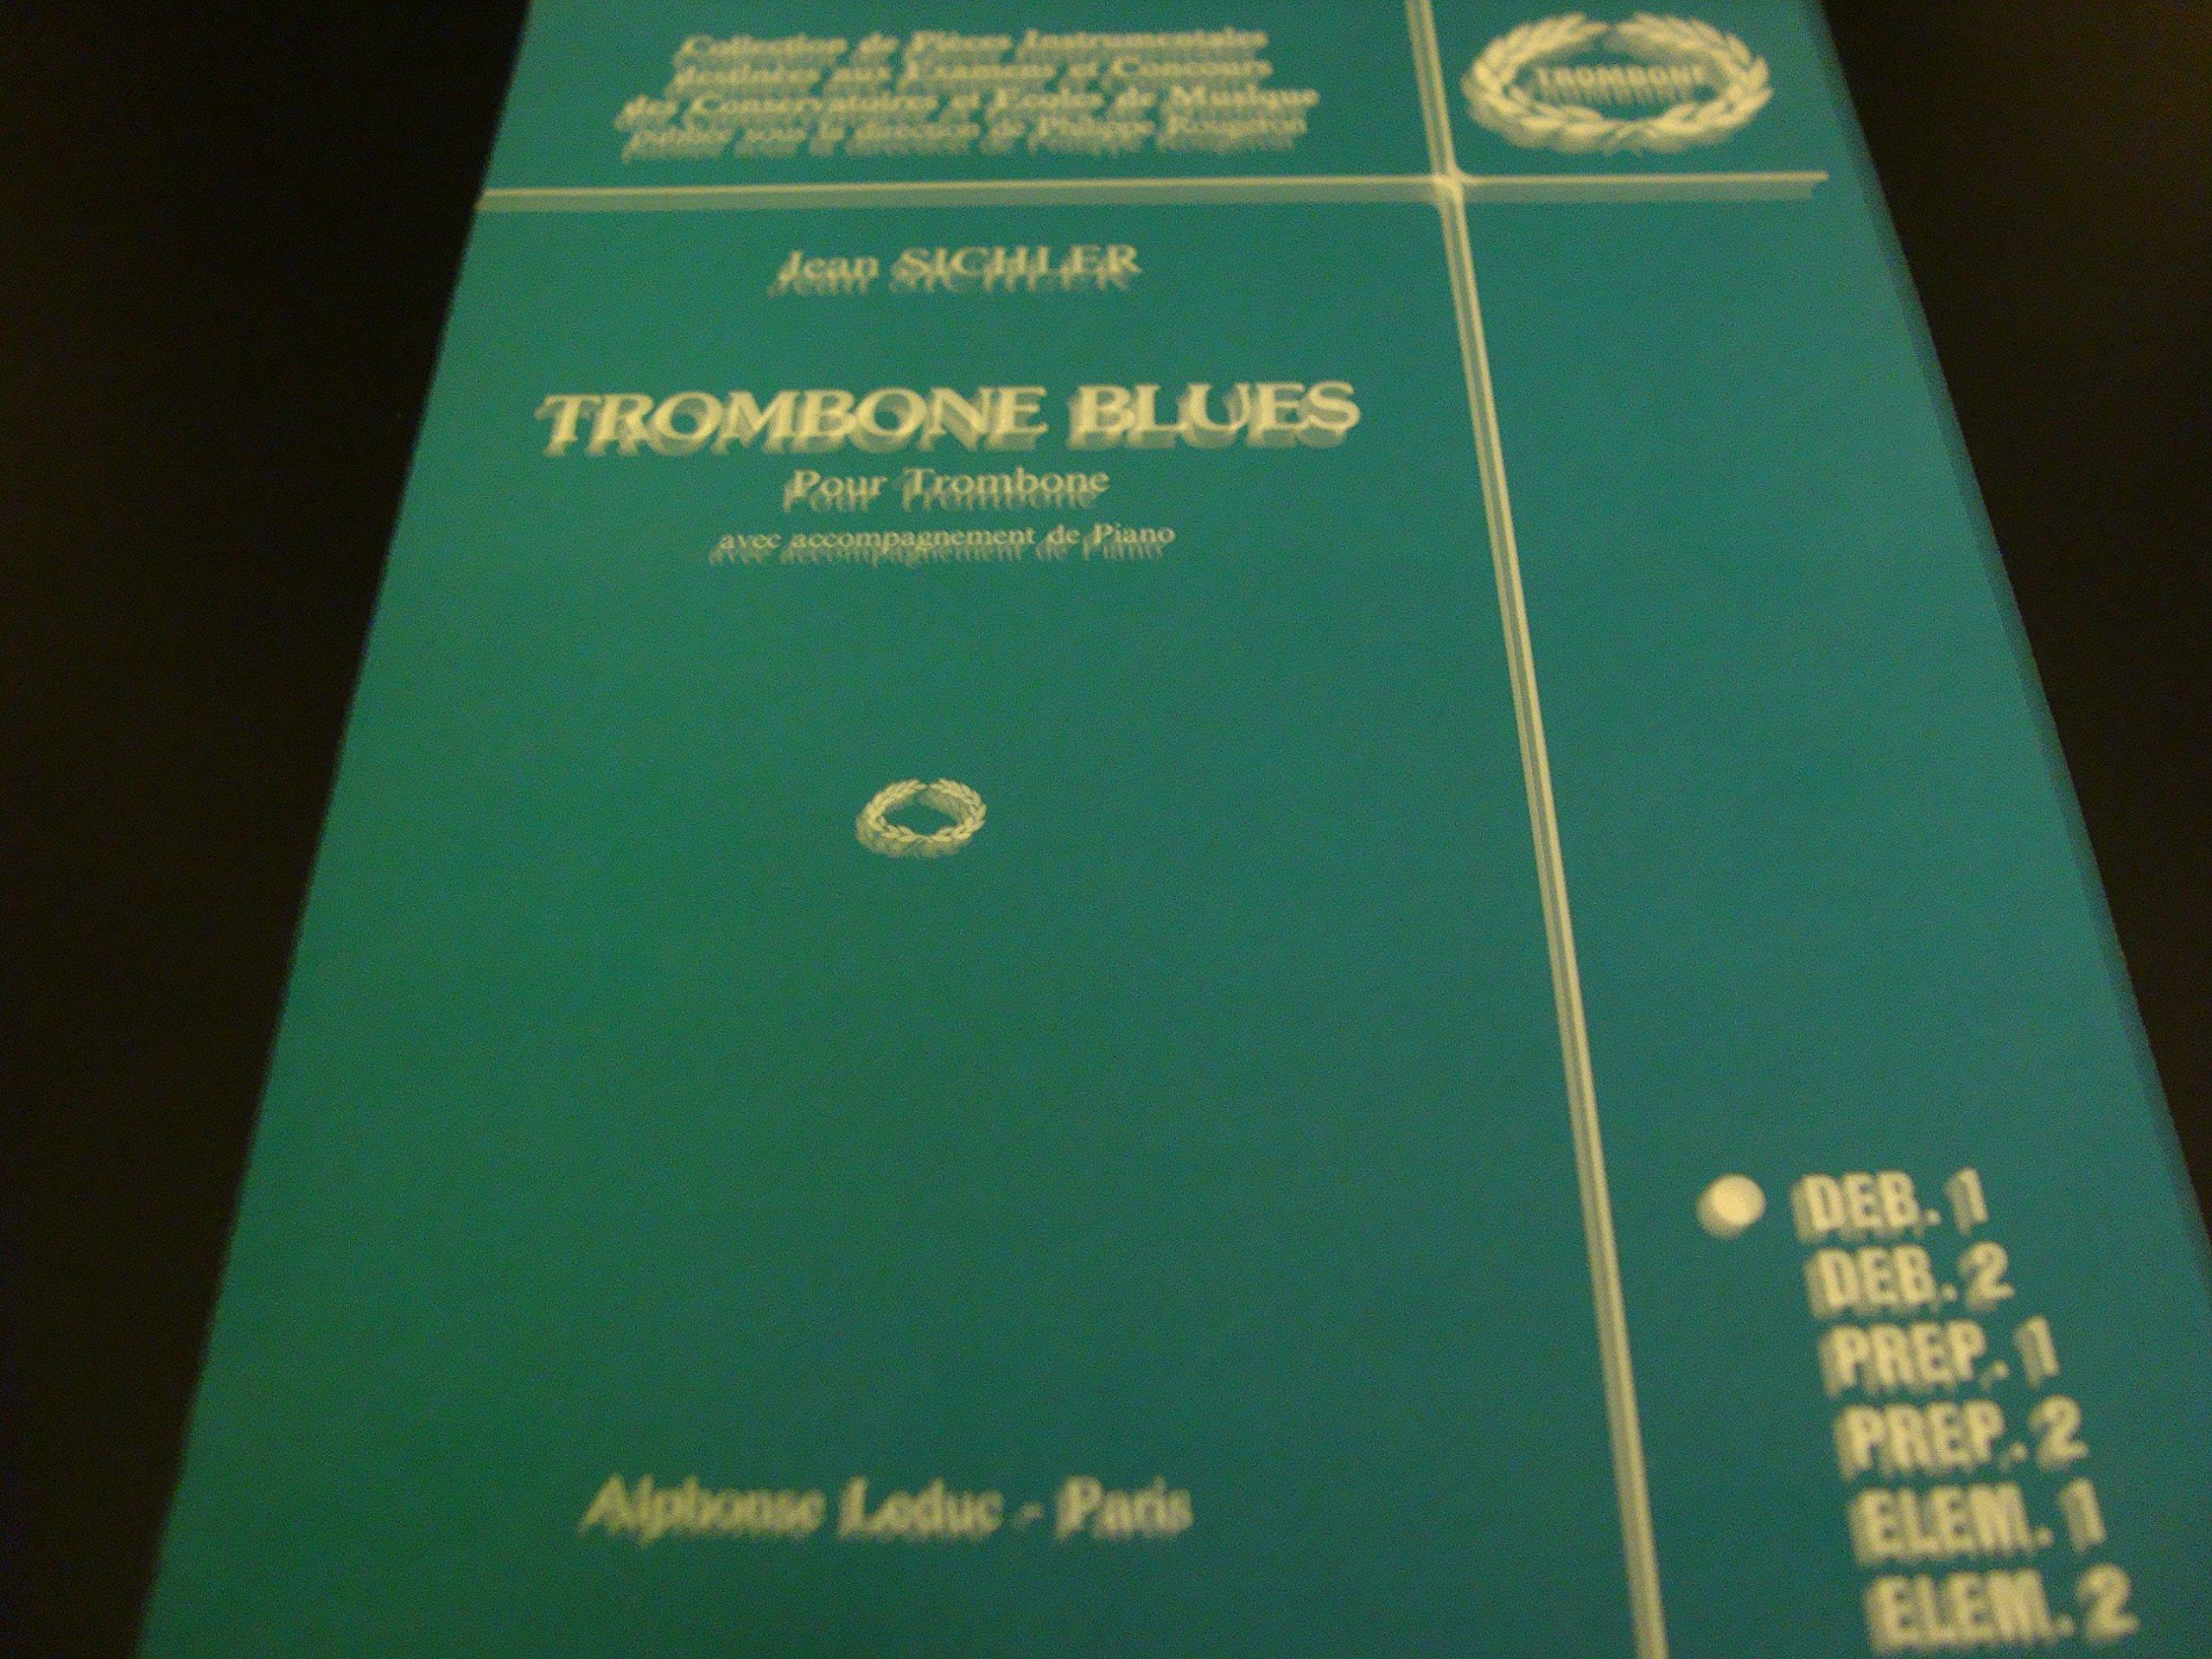 Trombone Blues / Pour Trombone Et Piano / Deb. 1 / Jean Sichler